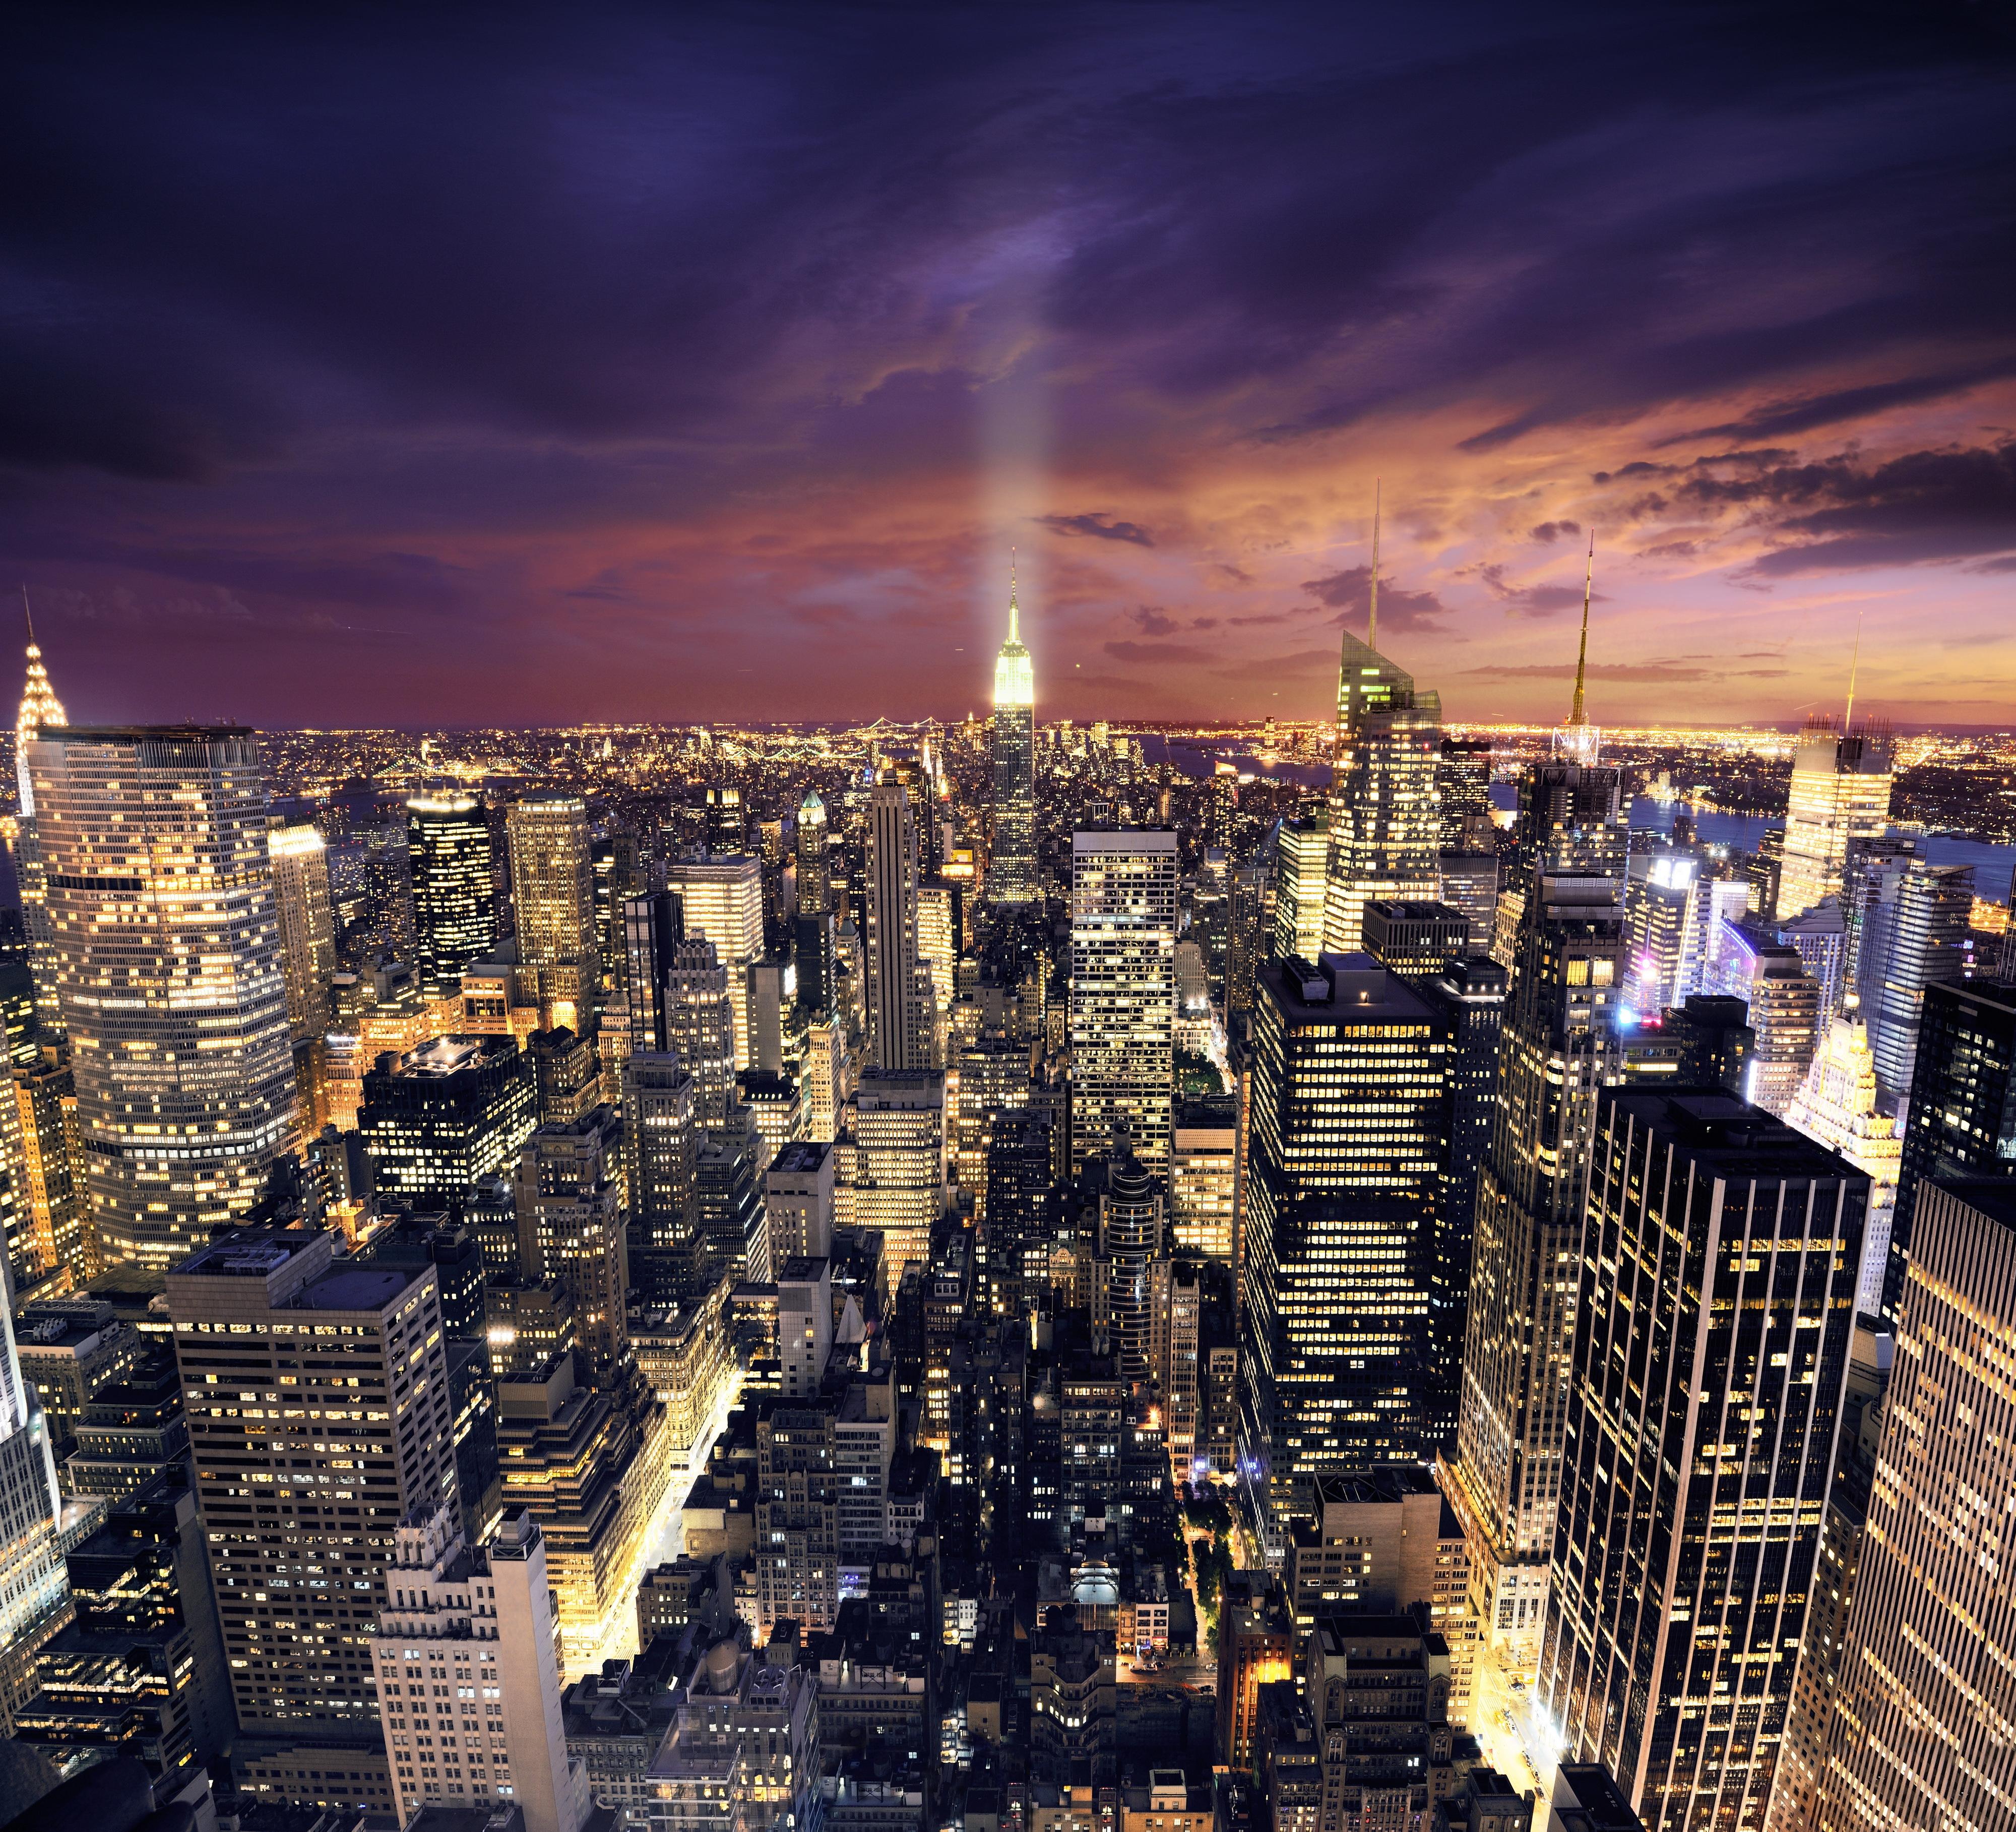 такую красивые картинки ночной город что